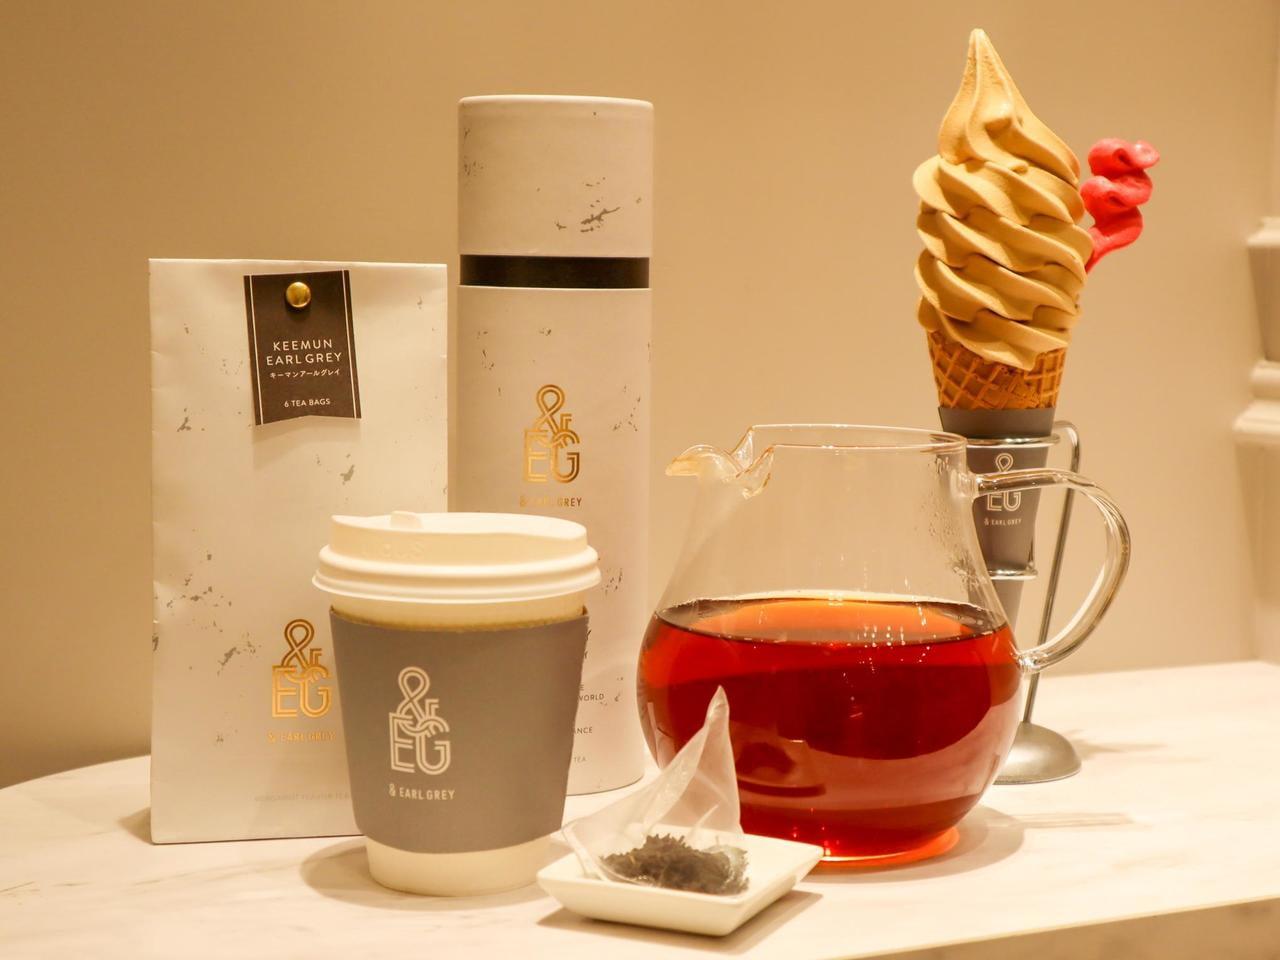 【神戸】11/1は紅茶の日!こだわりの紅茶専門店まとめ 紅茶にピッタリのスイーツも